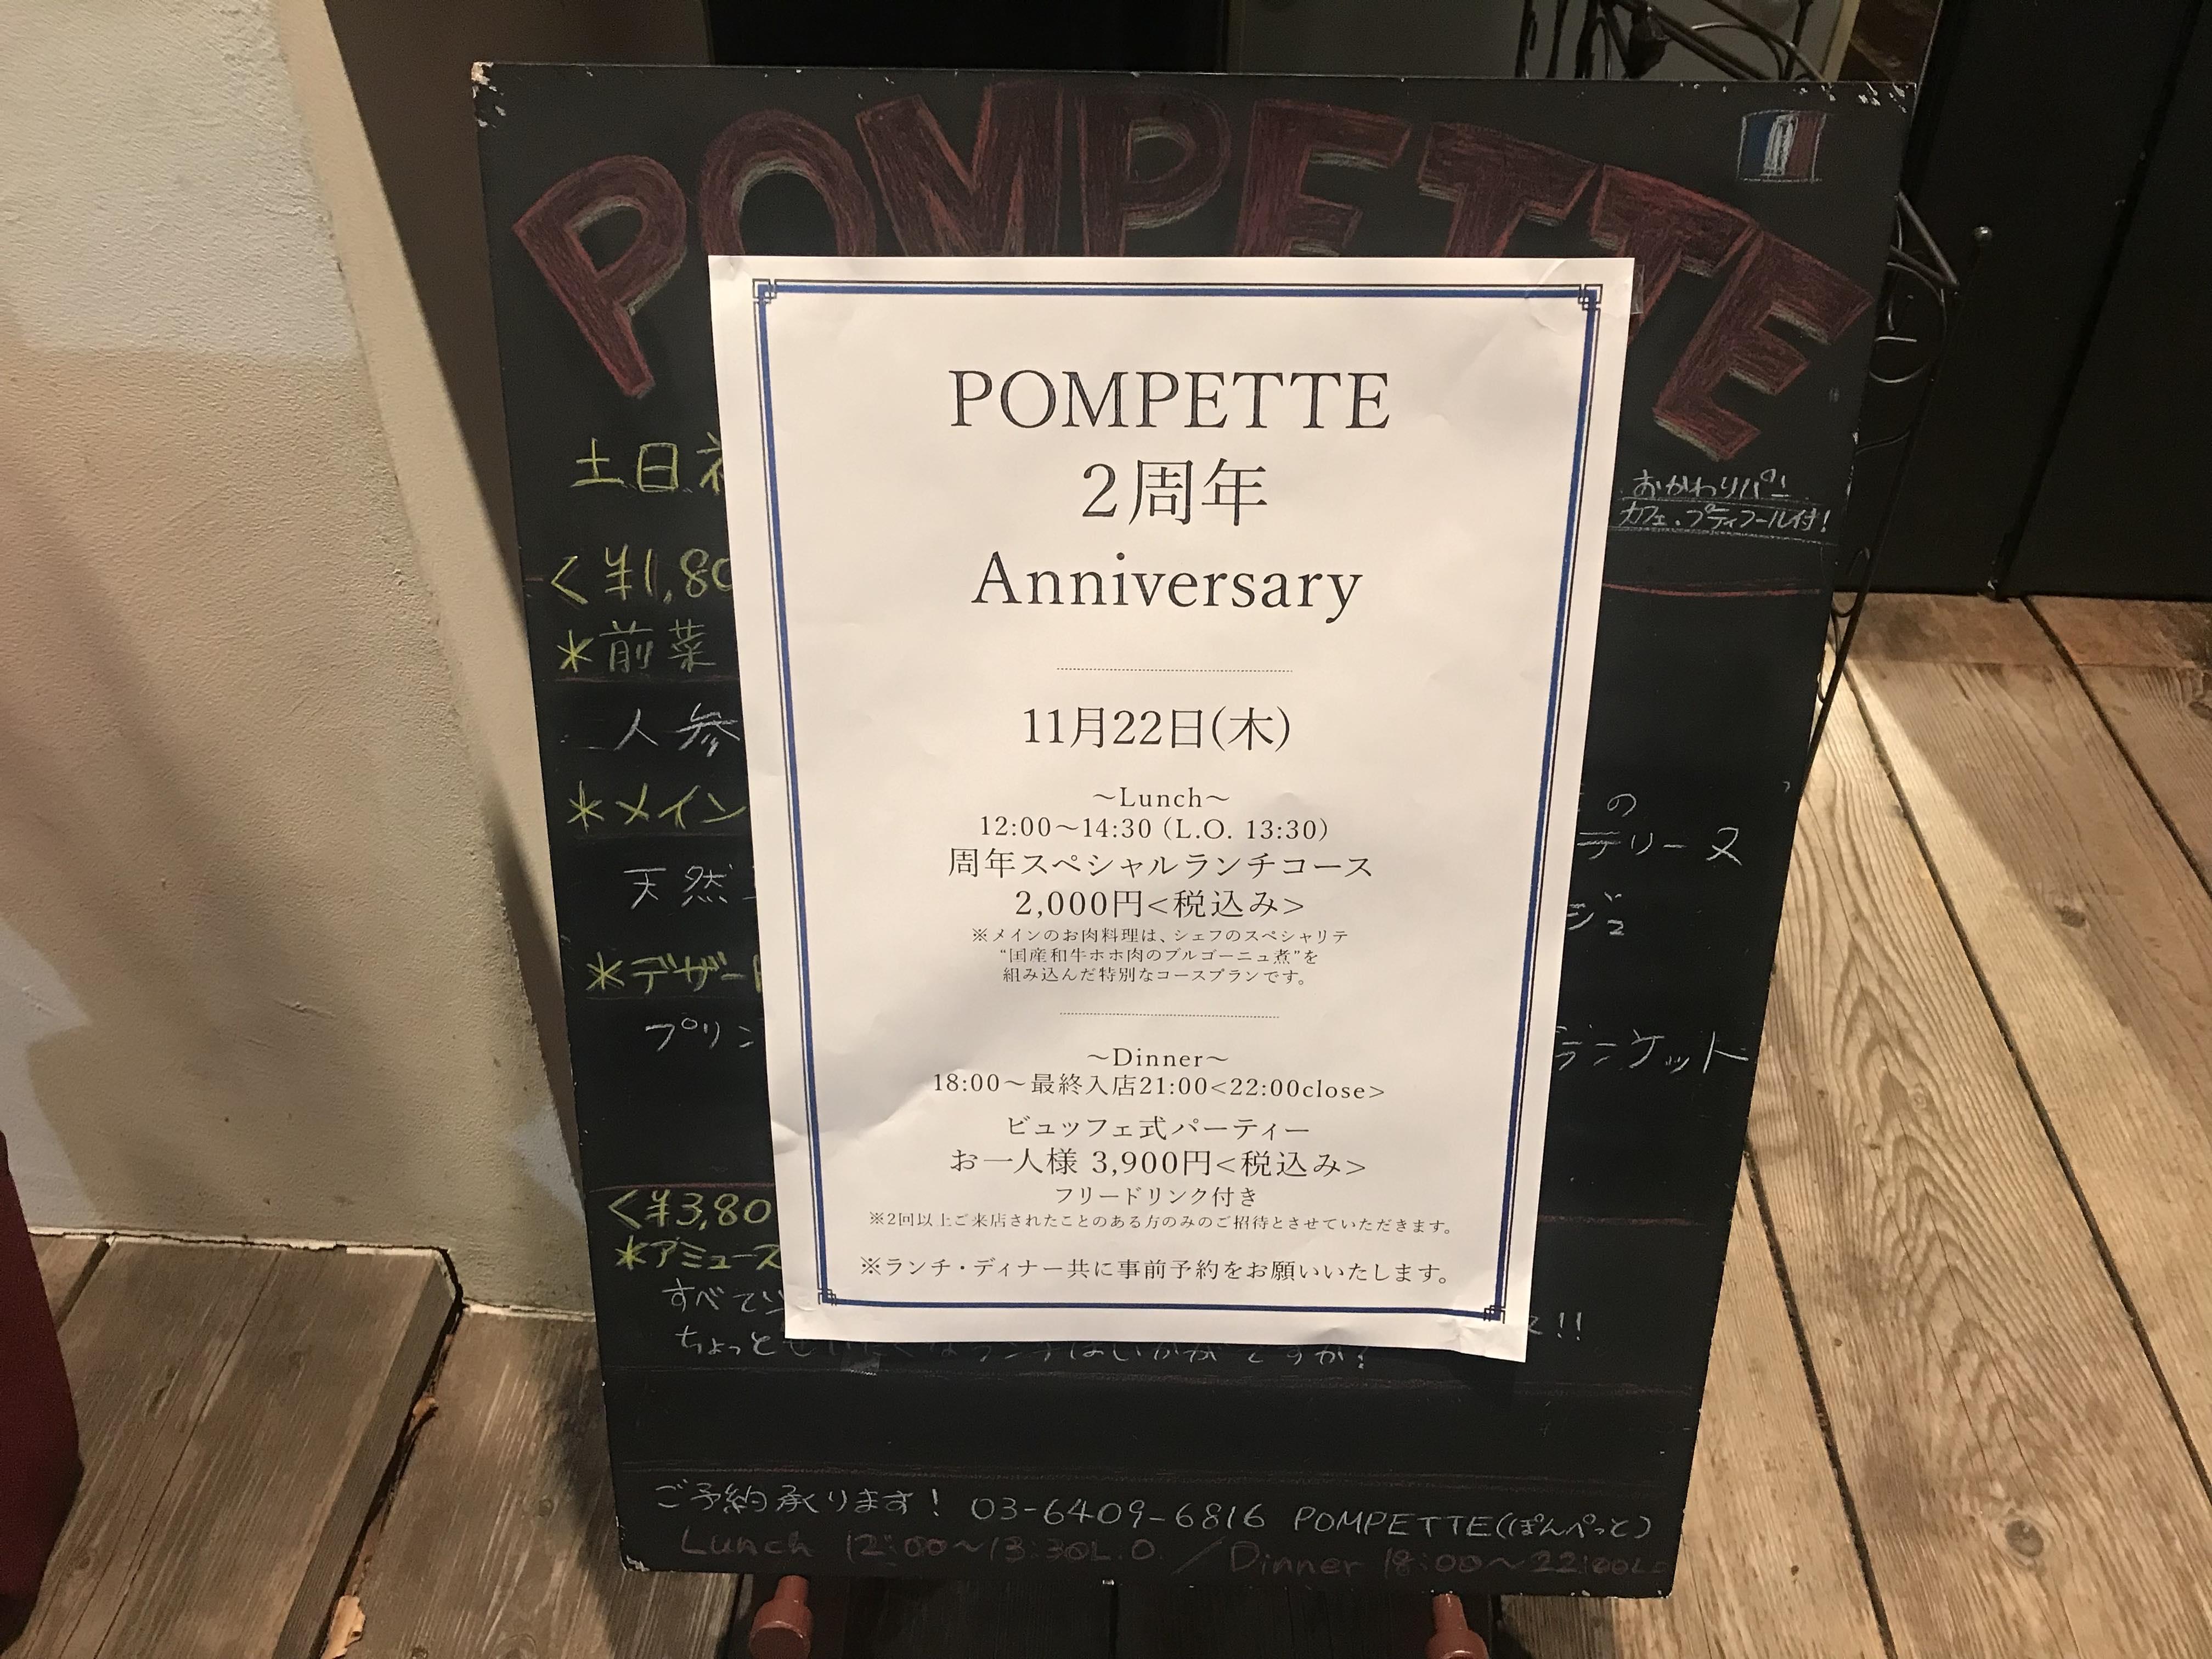 ポンペット周年パーティーのメニュー